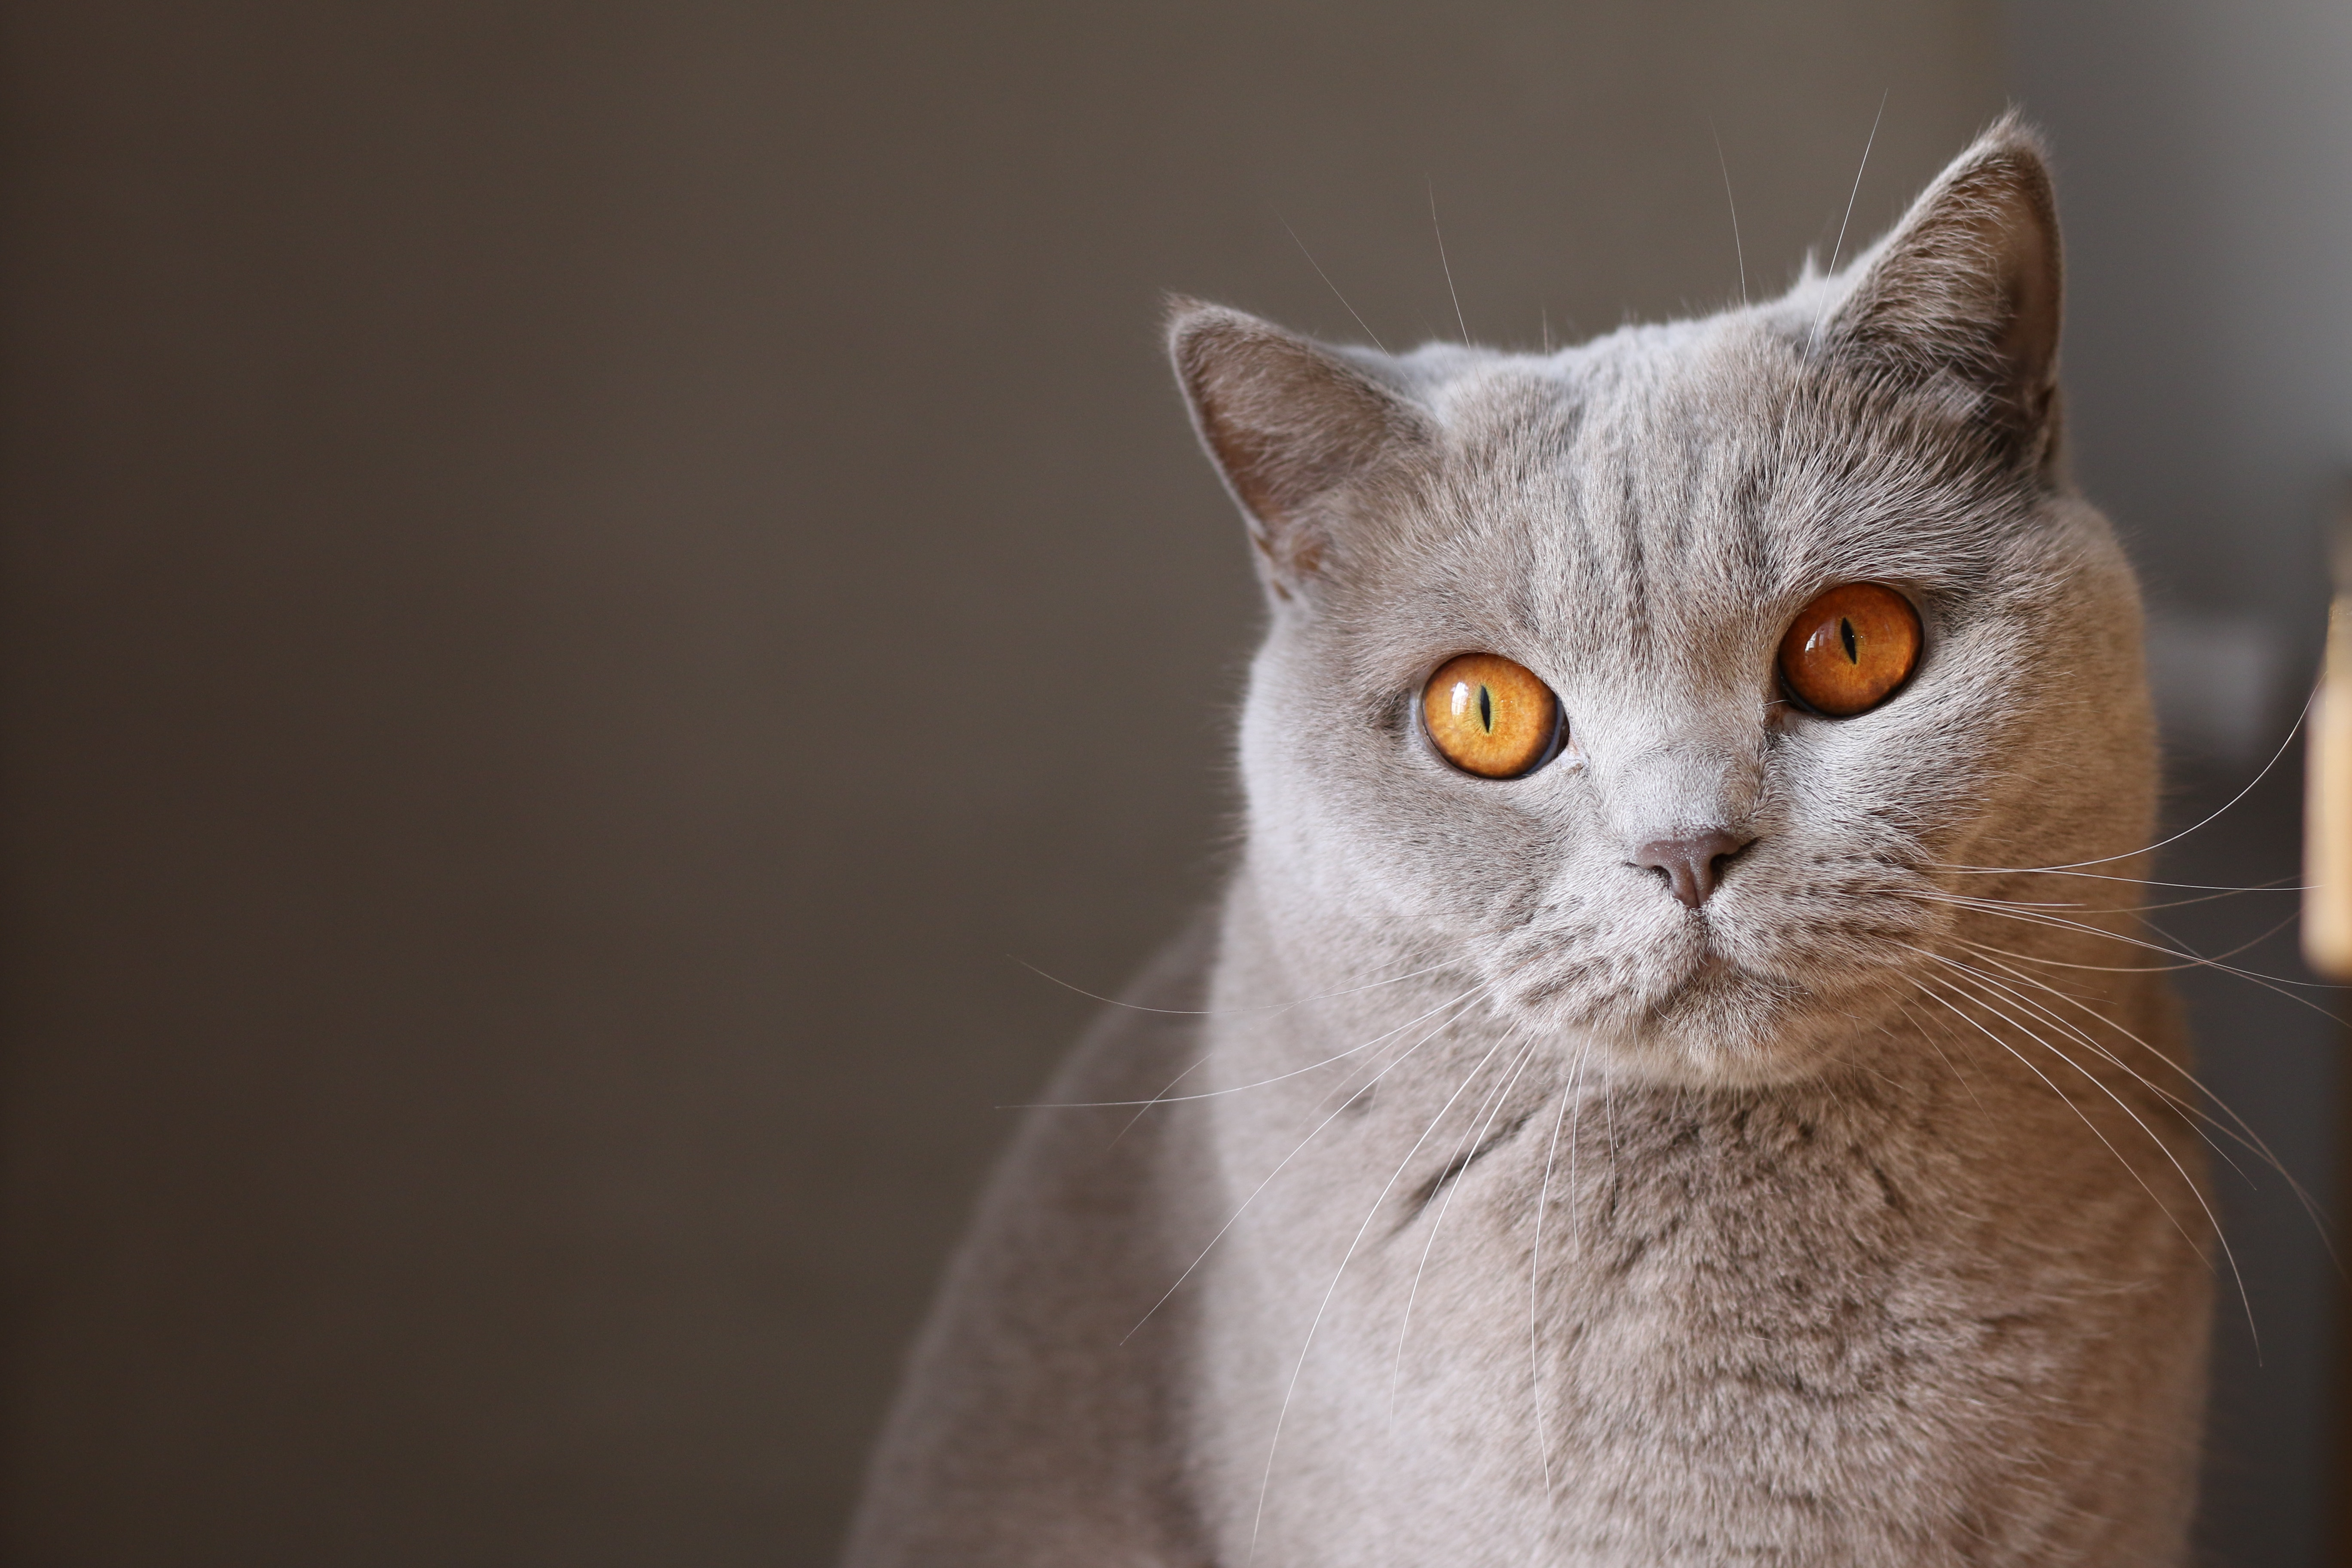 オレンジ目のロシアンブルー